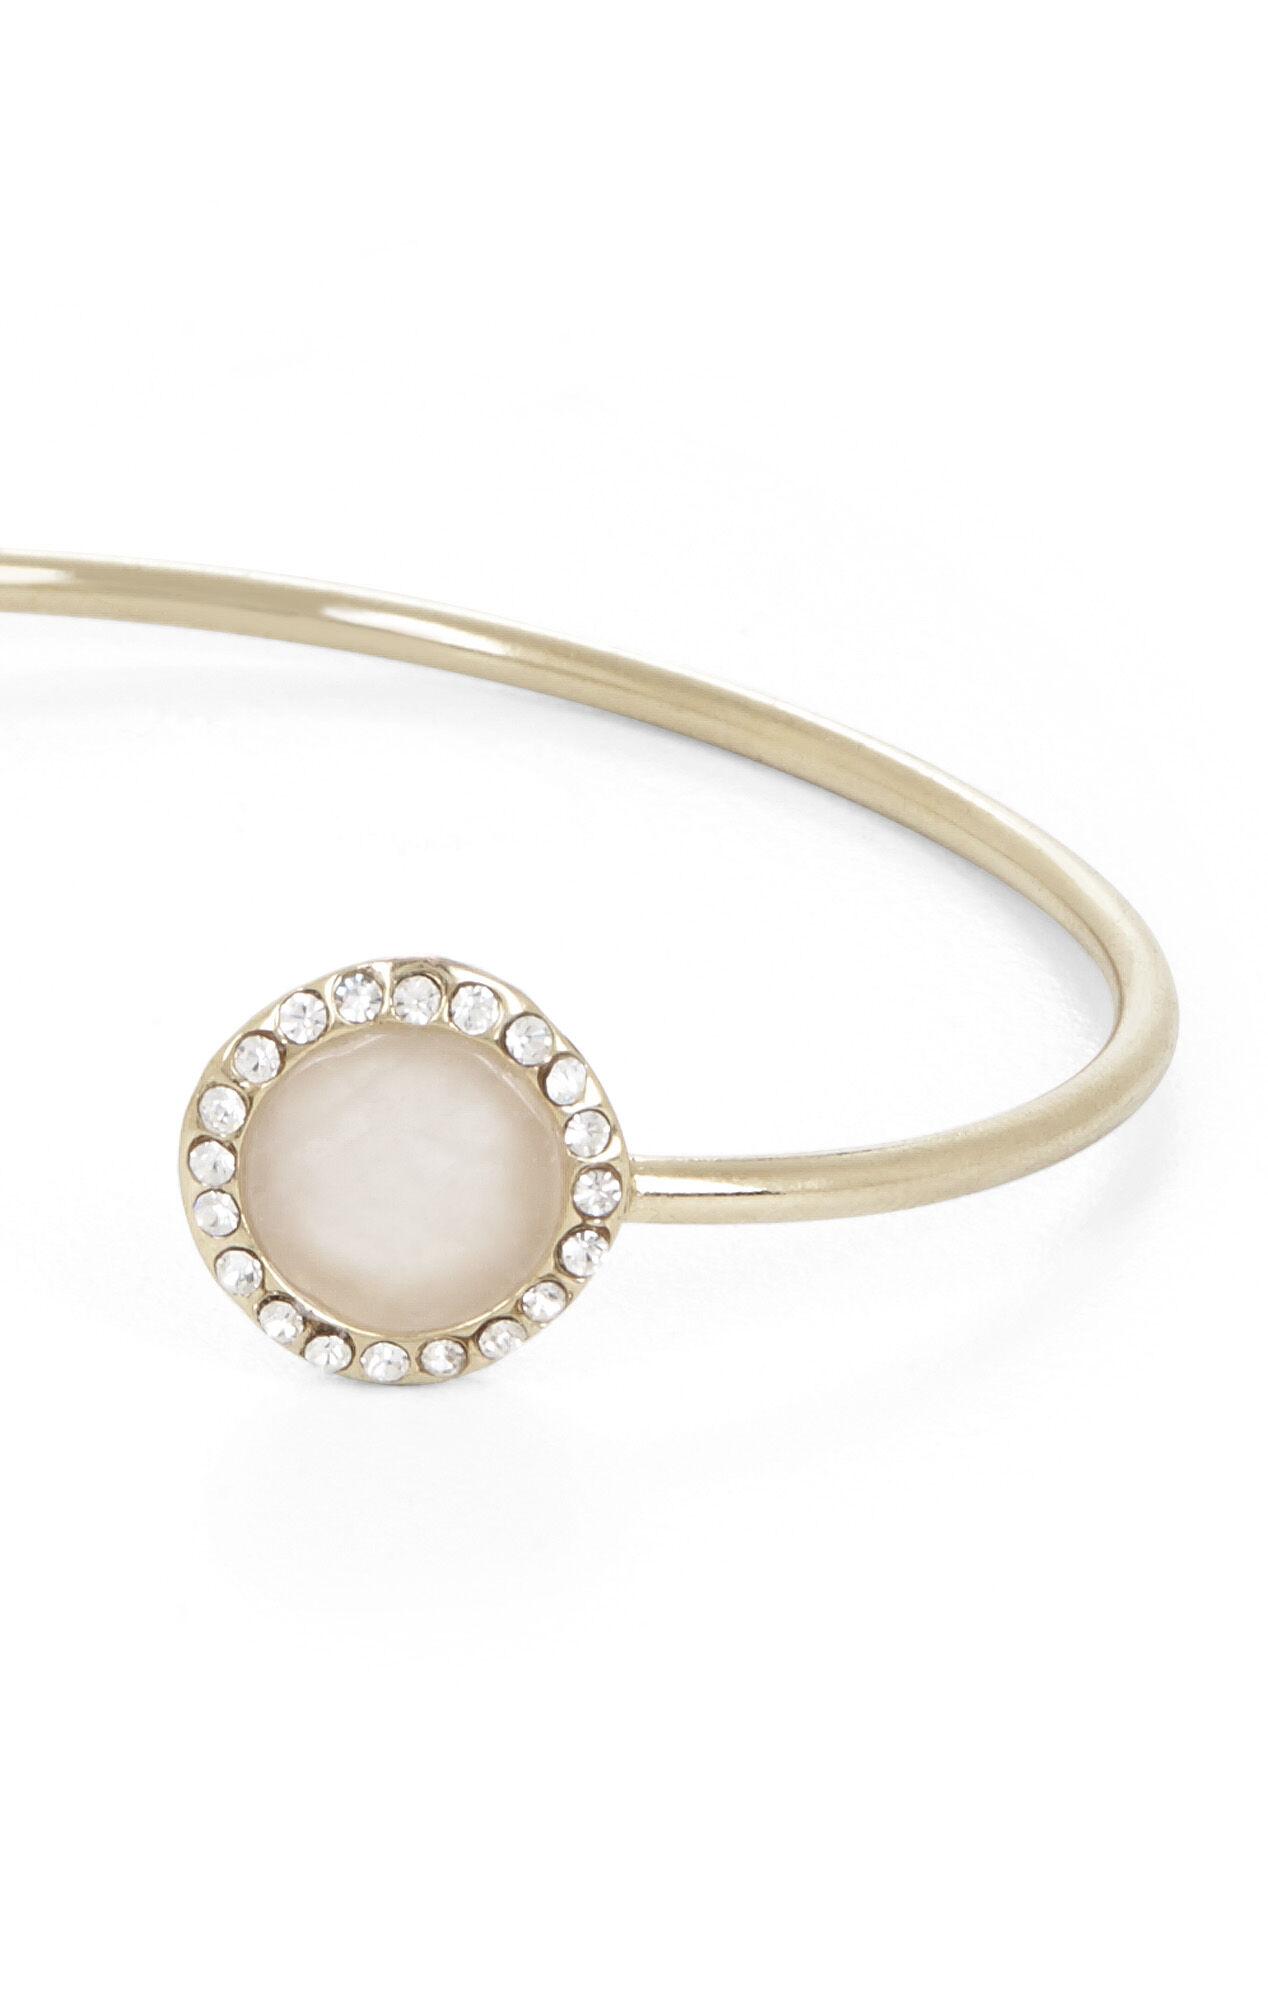 Delicate Natural Stone Bracelet